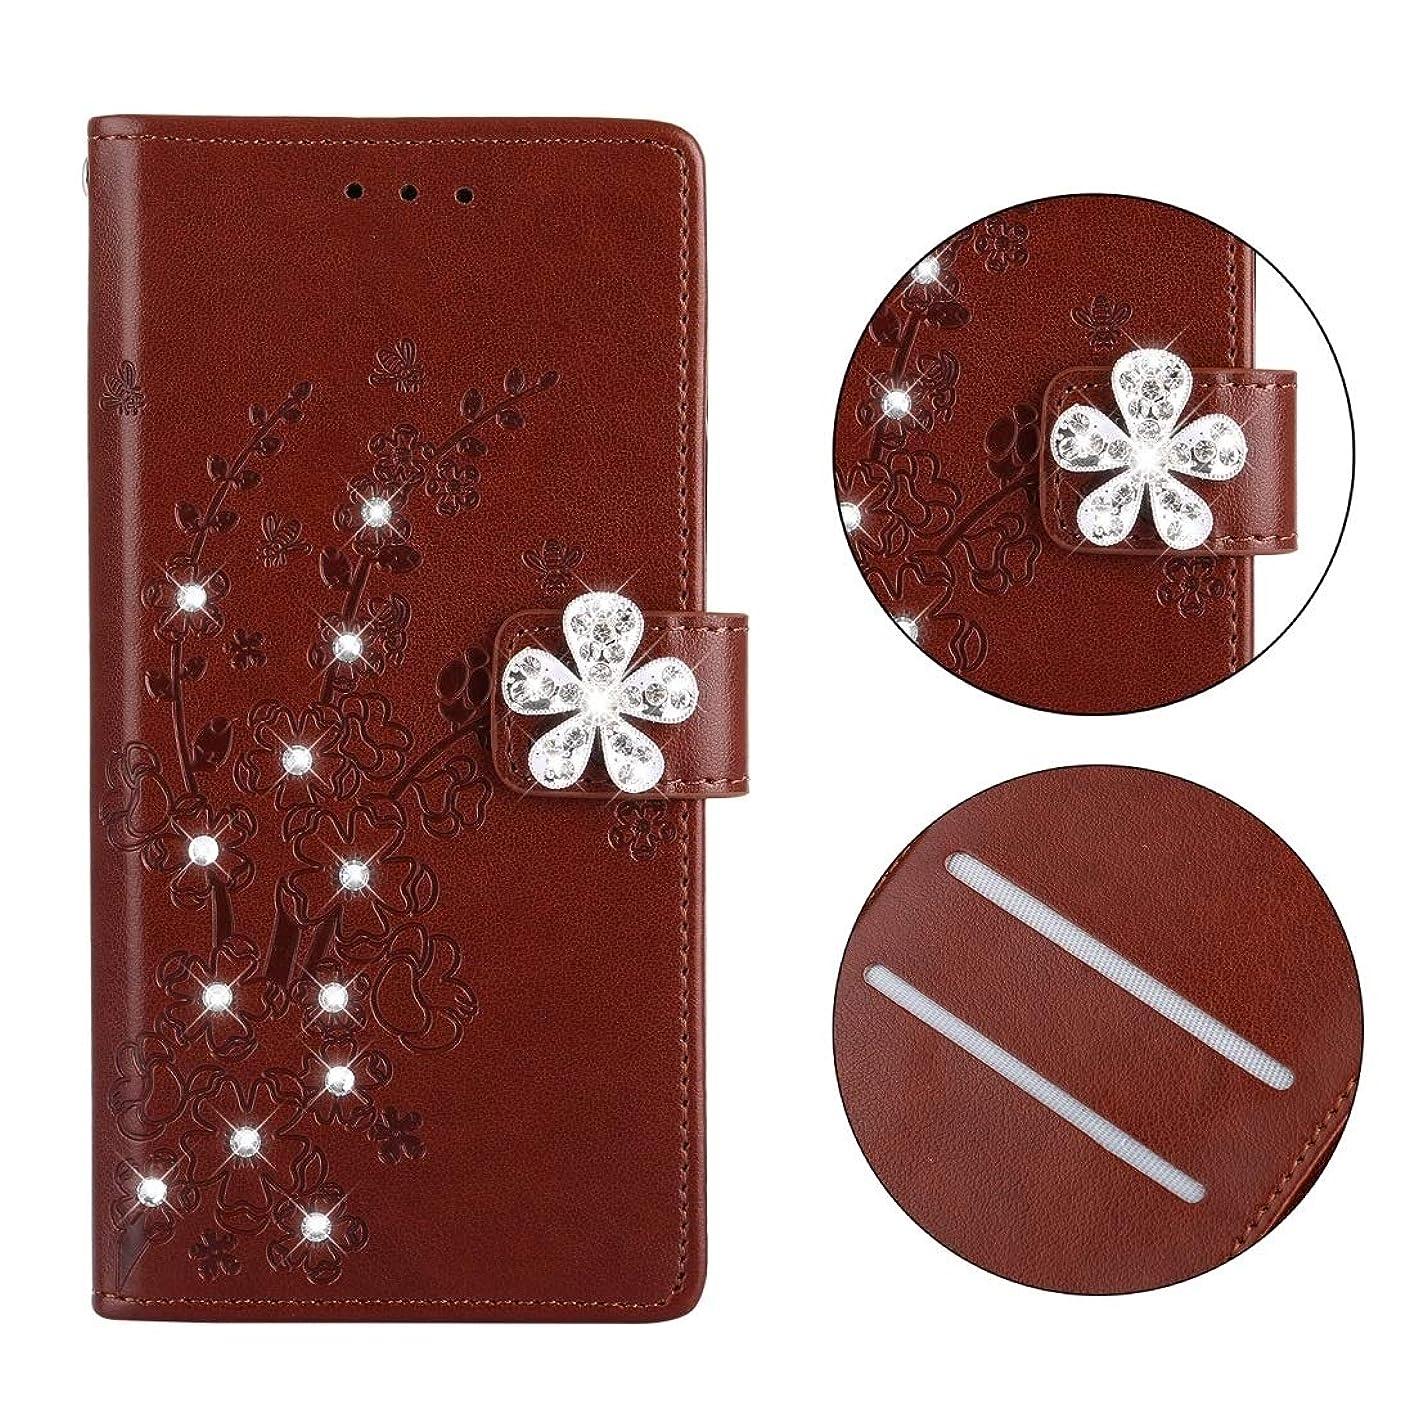 下手ボクシングクランシーホルダー&カードスロットを持つ小米科技Redmi 5梅の柄ダイヤモンドがちりばめられたレザーケースのための携帯電話ケース、 brand:TONWIN (Color : Plum brown)